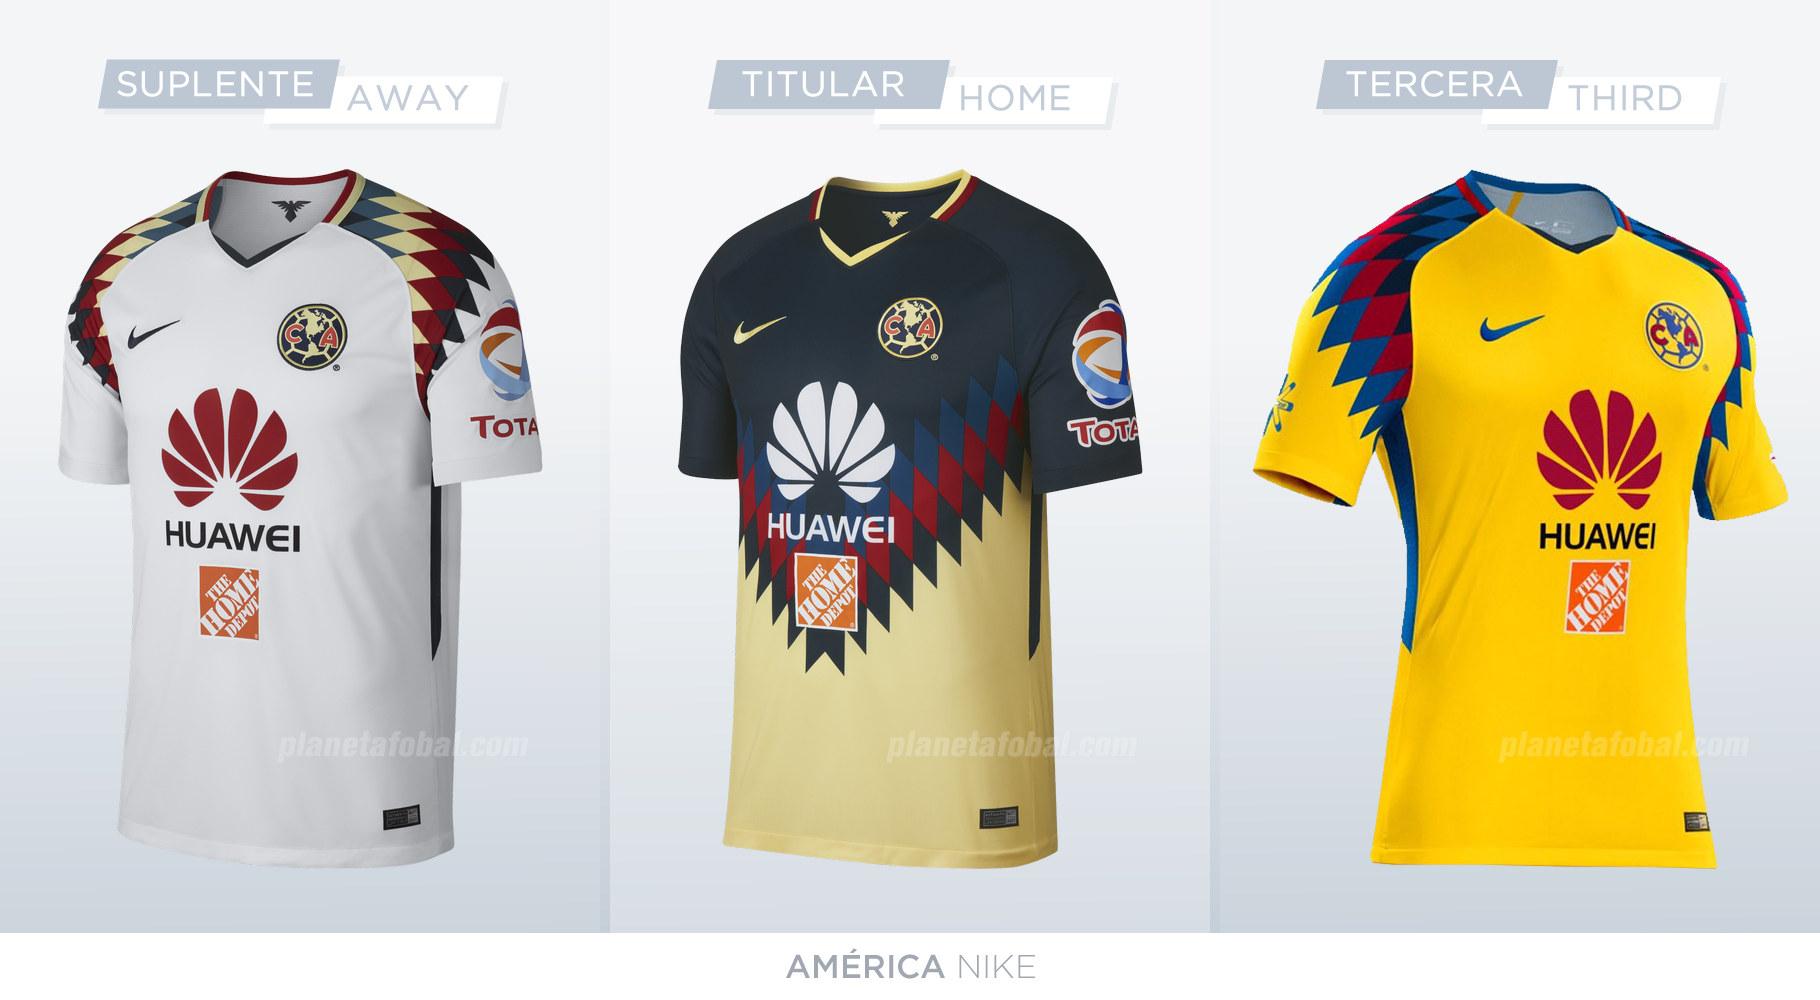 Camisetas de la liga mx 2017 18 planeta fobal for Cuarto uniforme del america 2018